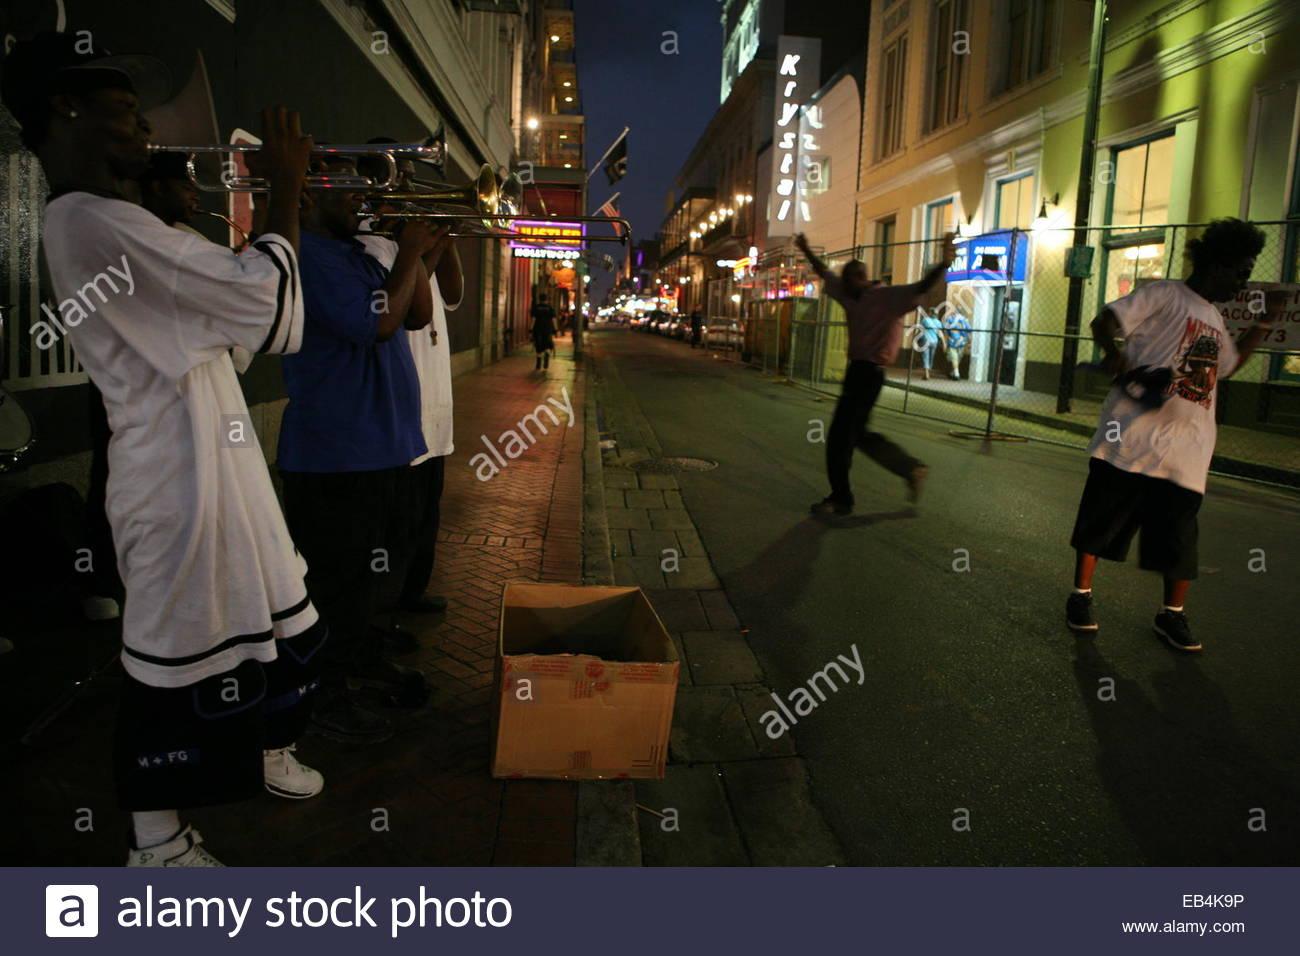 A ballare la musica riprodotta su un angolo di strada nel Quartiere Francese di New Orleans. Immagini Stock